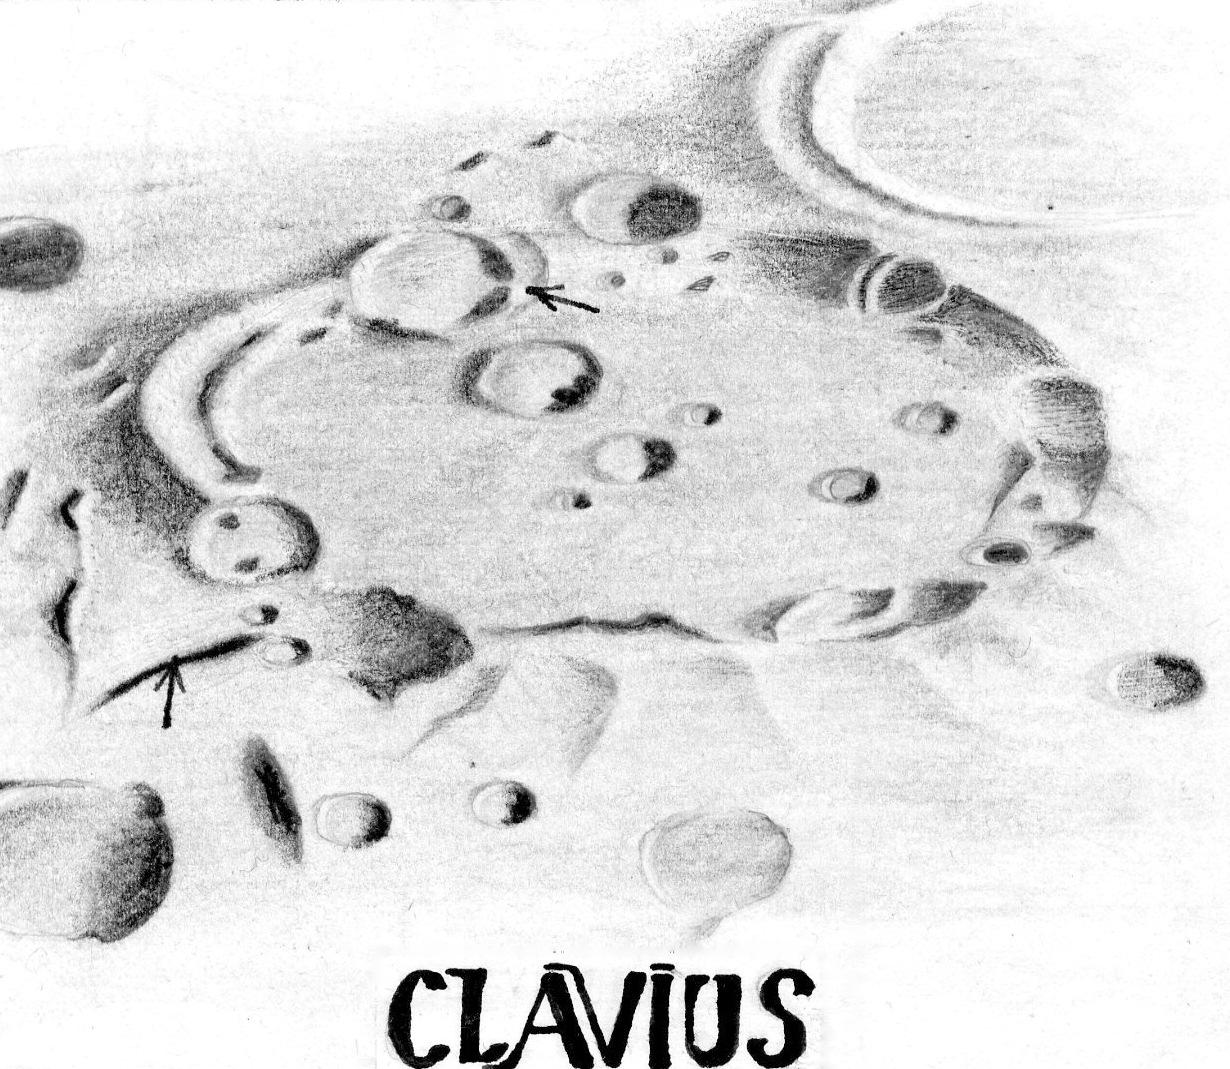 Kuva 17: Clavius, Lukkari 1.8.1983